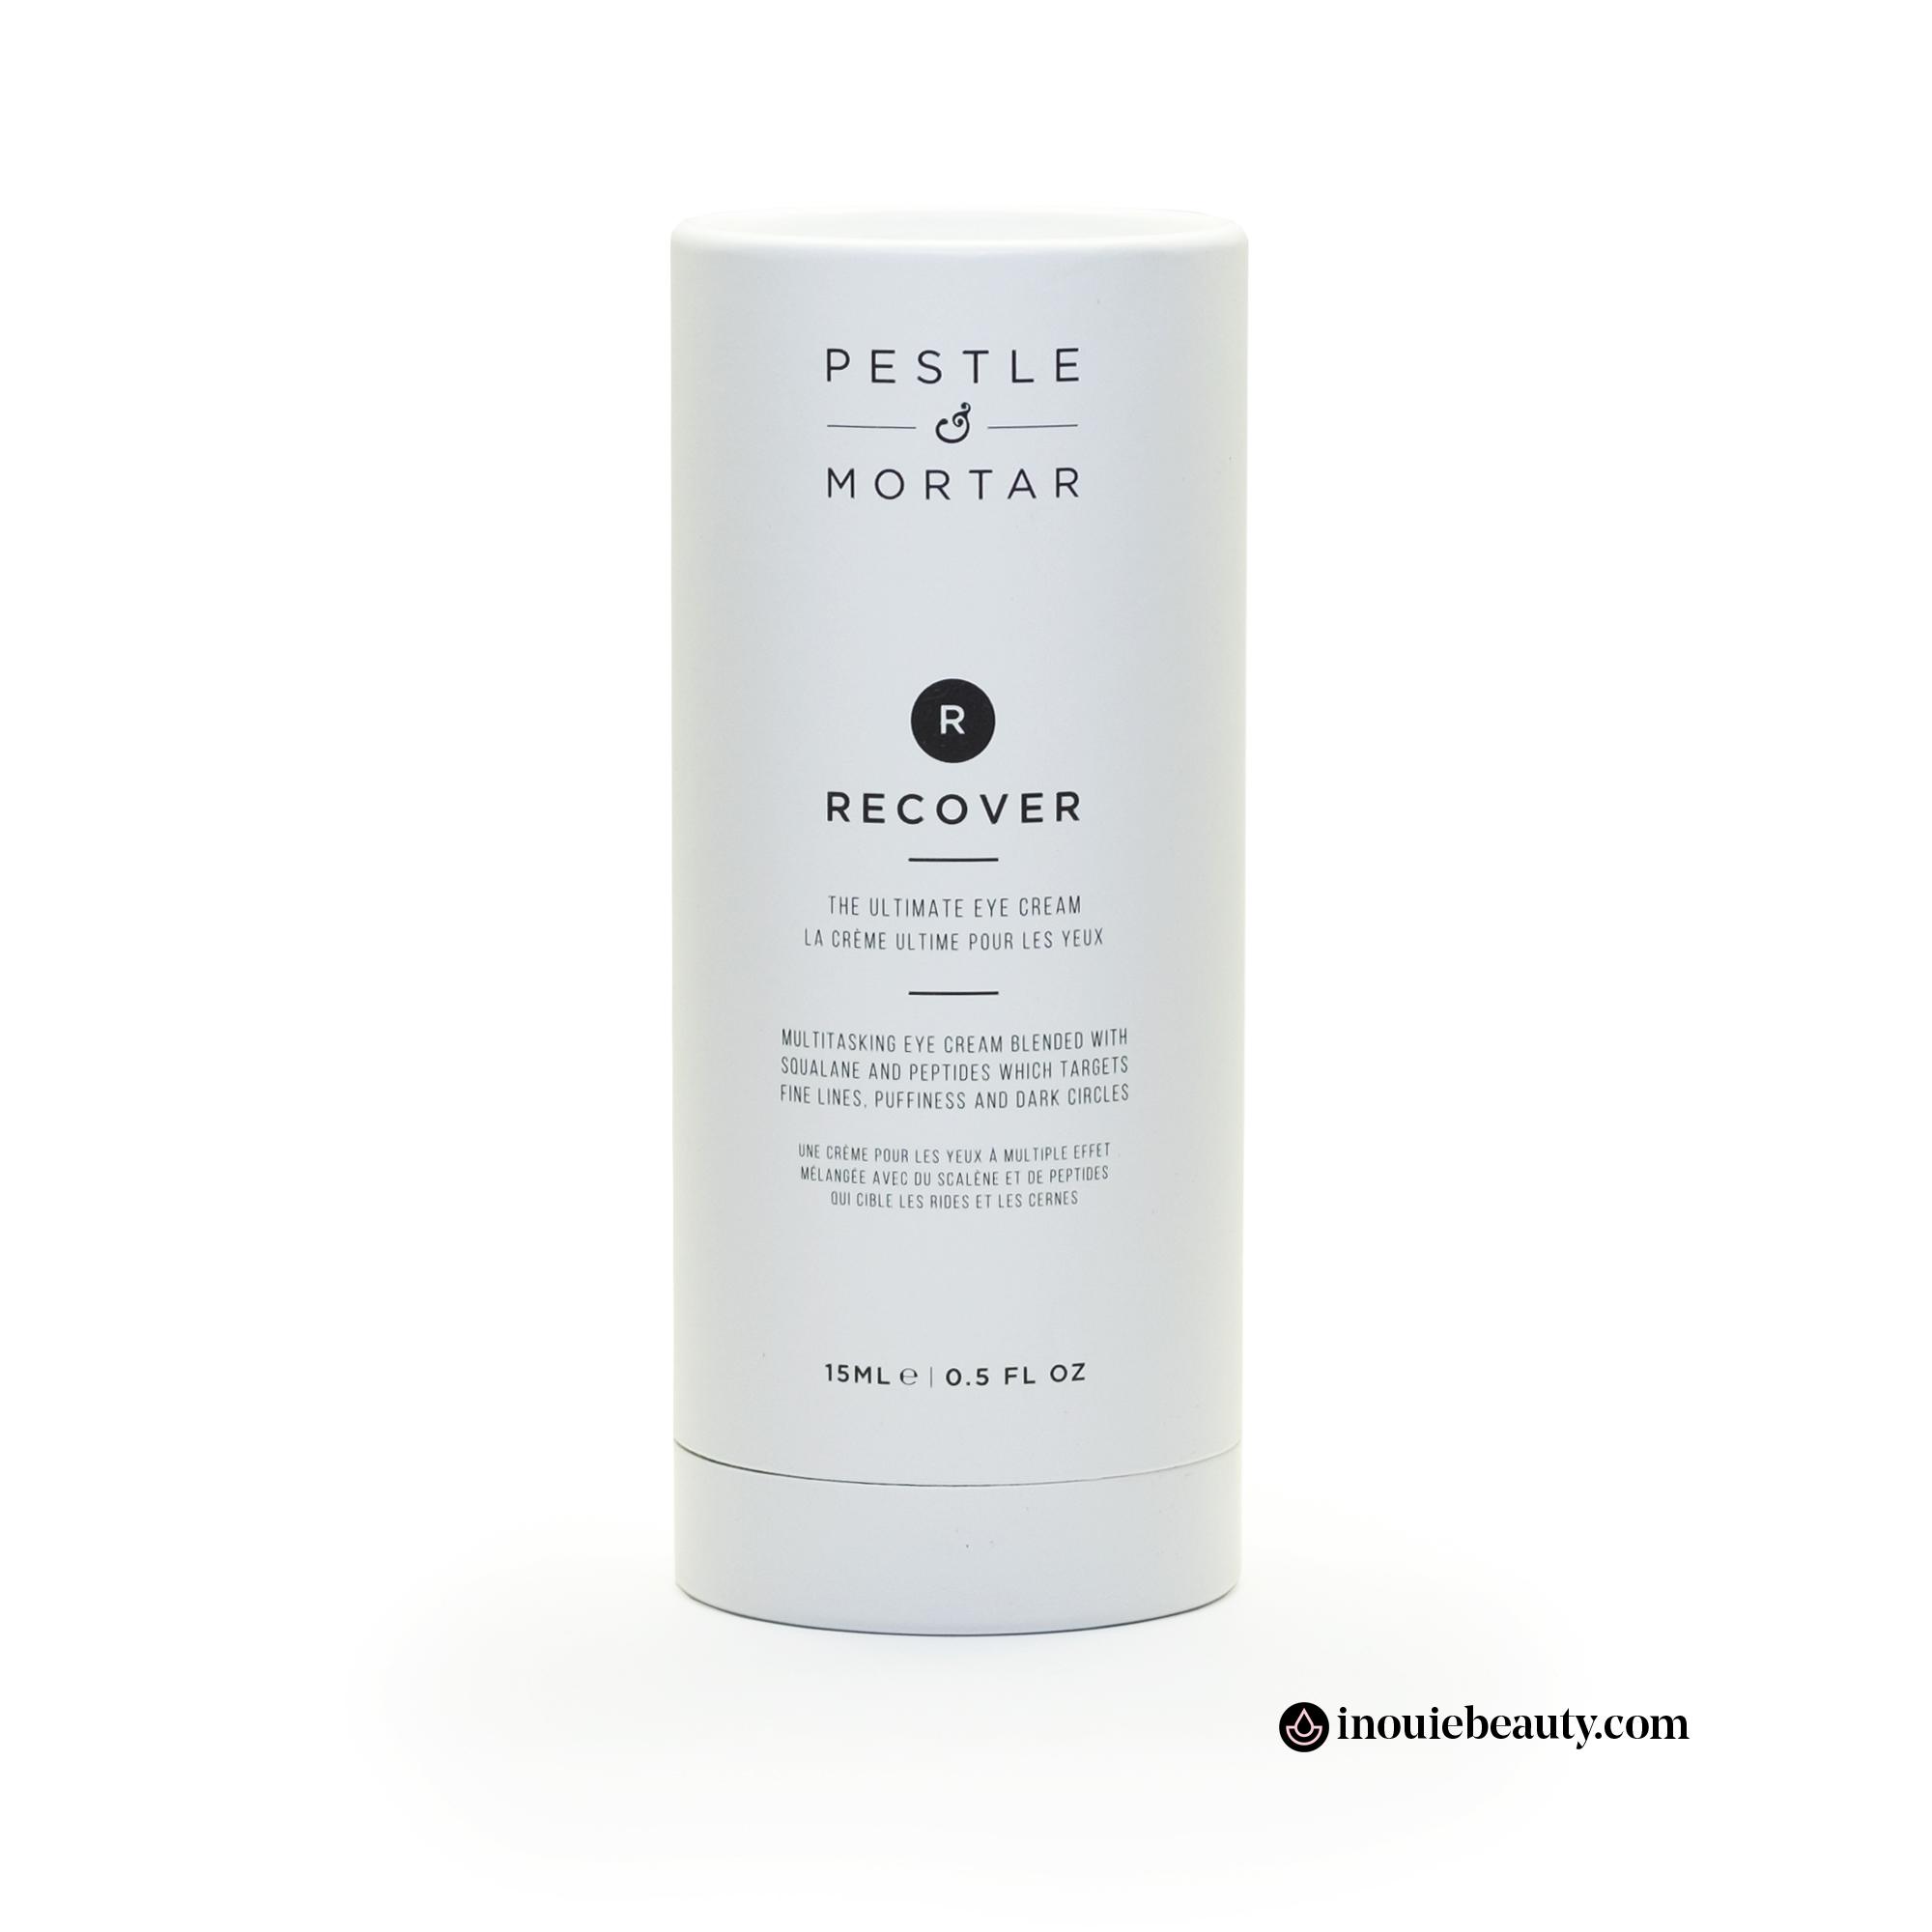 Pestle & Mortar Recover Eye Cream